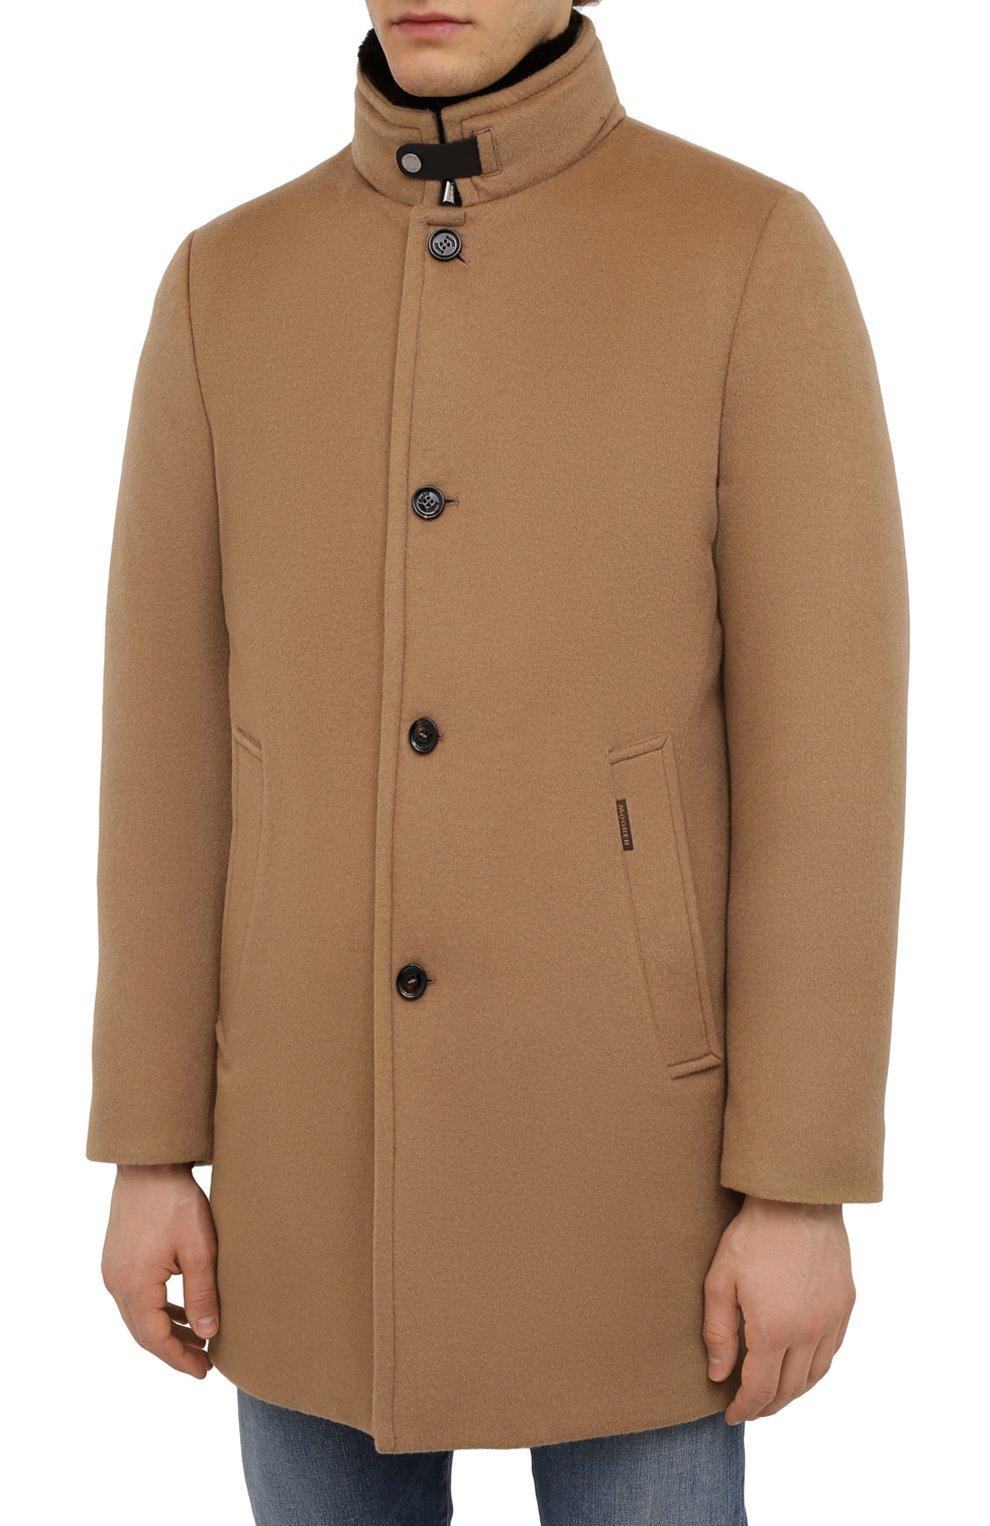 Мужской пальто из шерсти и кашемира bond-fur-le MOORER бежевого цвета, арт. B0ND-FUR-LE/M0UG2100131-TEPA209   Фото 3 (Материал внешний: Шерсть; Рукава: Длинные; Длина (верхняя одежда): До середины бедра; Материал подклада: Синтетический материал; Мужское Кросс-КТ: пальто-верхняя одежда; Материал утеплителя: Пух и перо; Стили: Кэжуэл)